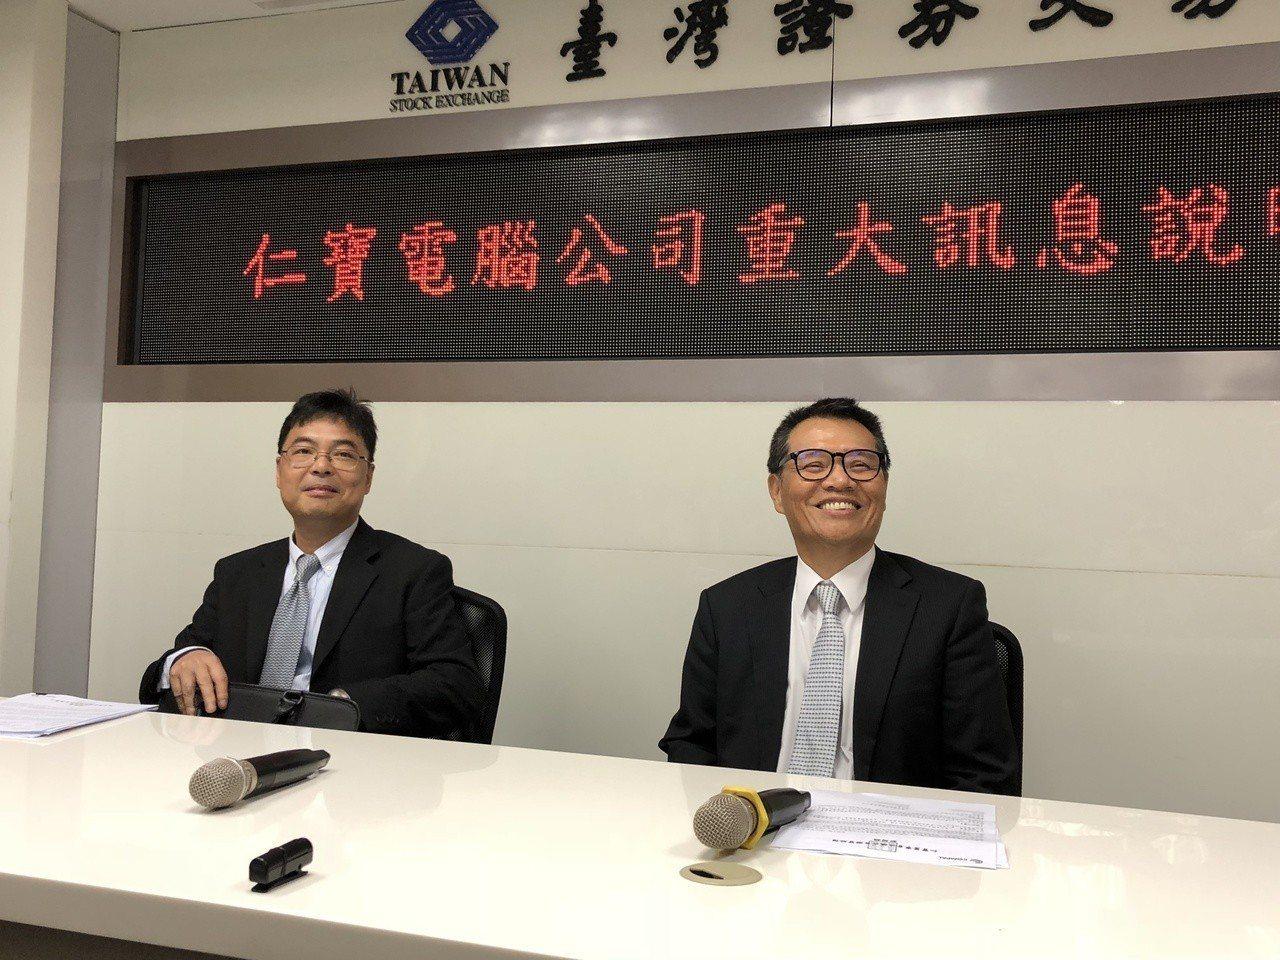 仁寶副總暨發言人呂清雄(右)與仁寶會計主管暨代理發言人王正強。 記者蕭君暉╱攝影